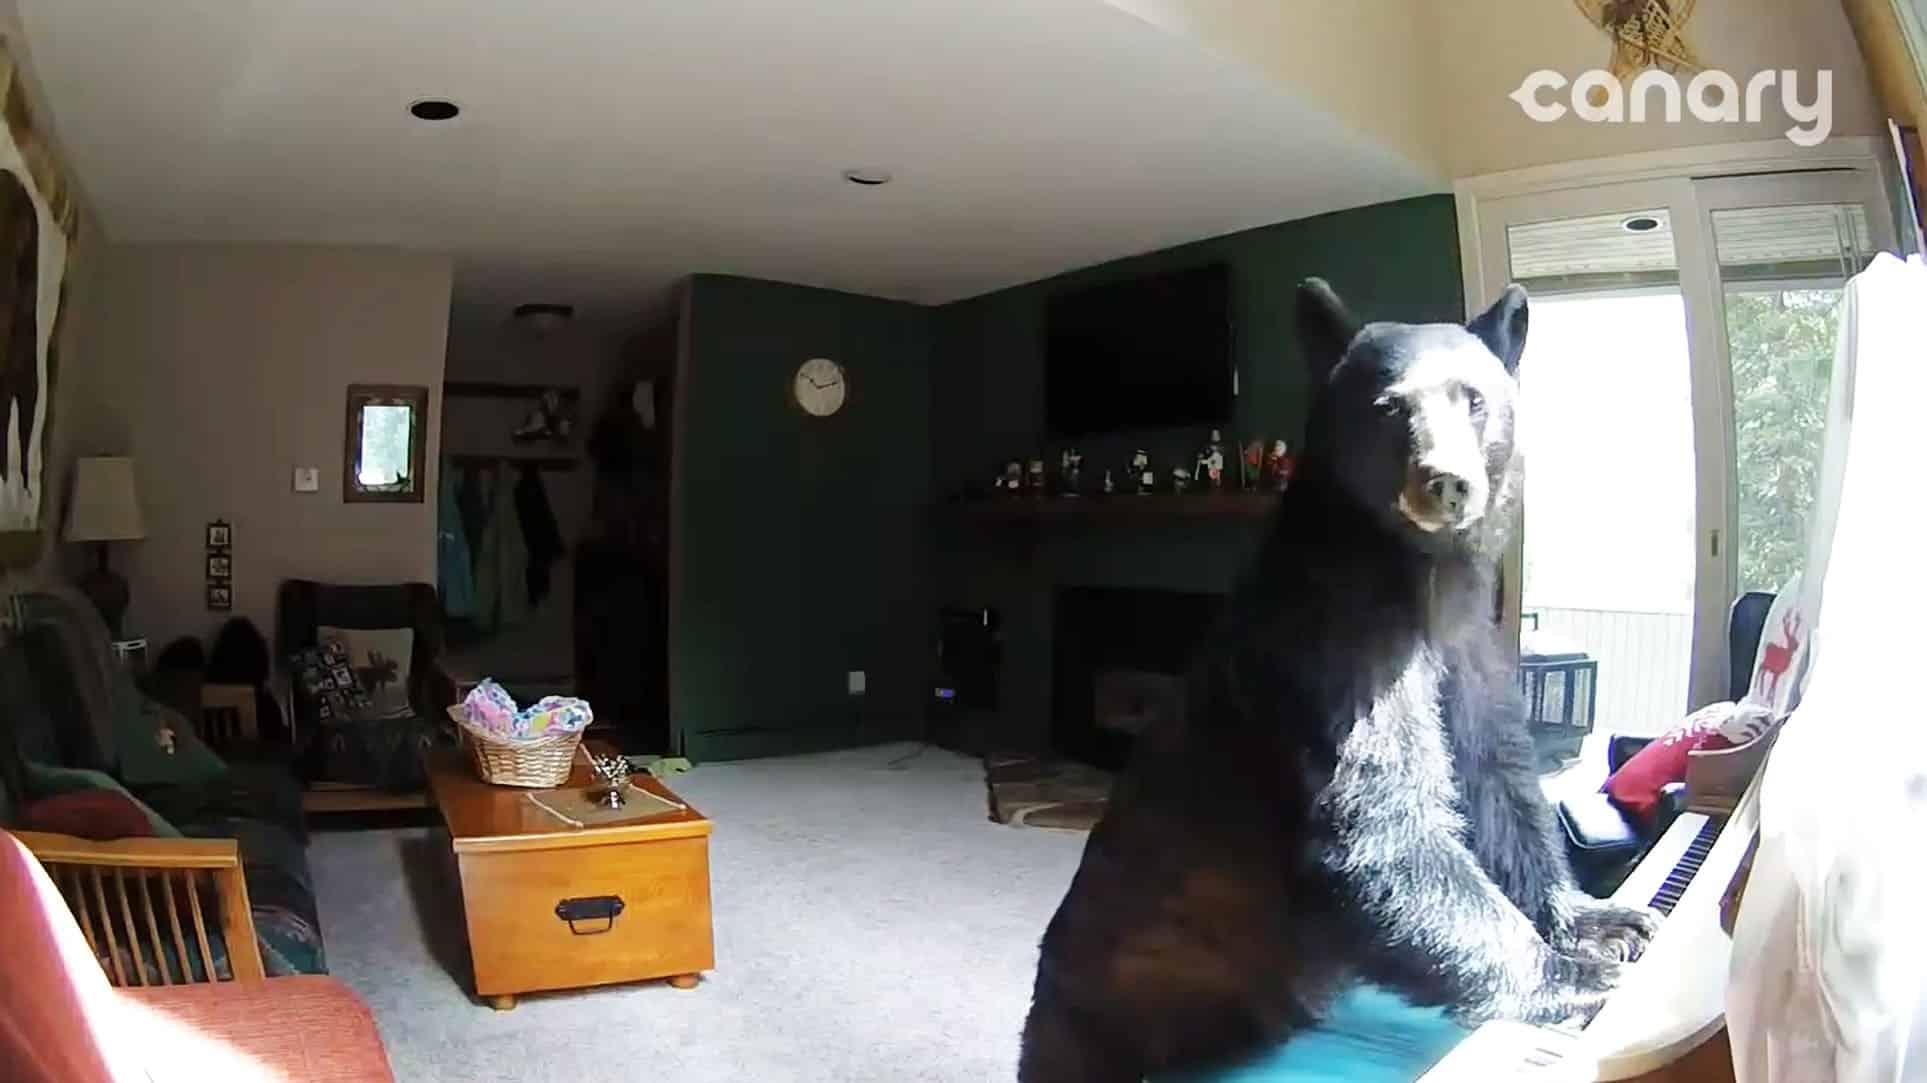 #Video Un oso entra en una casa, toca el piano, roba comida y se va 13